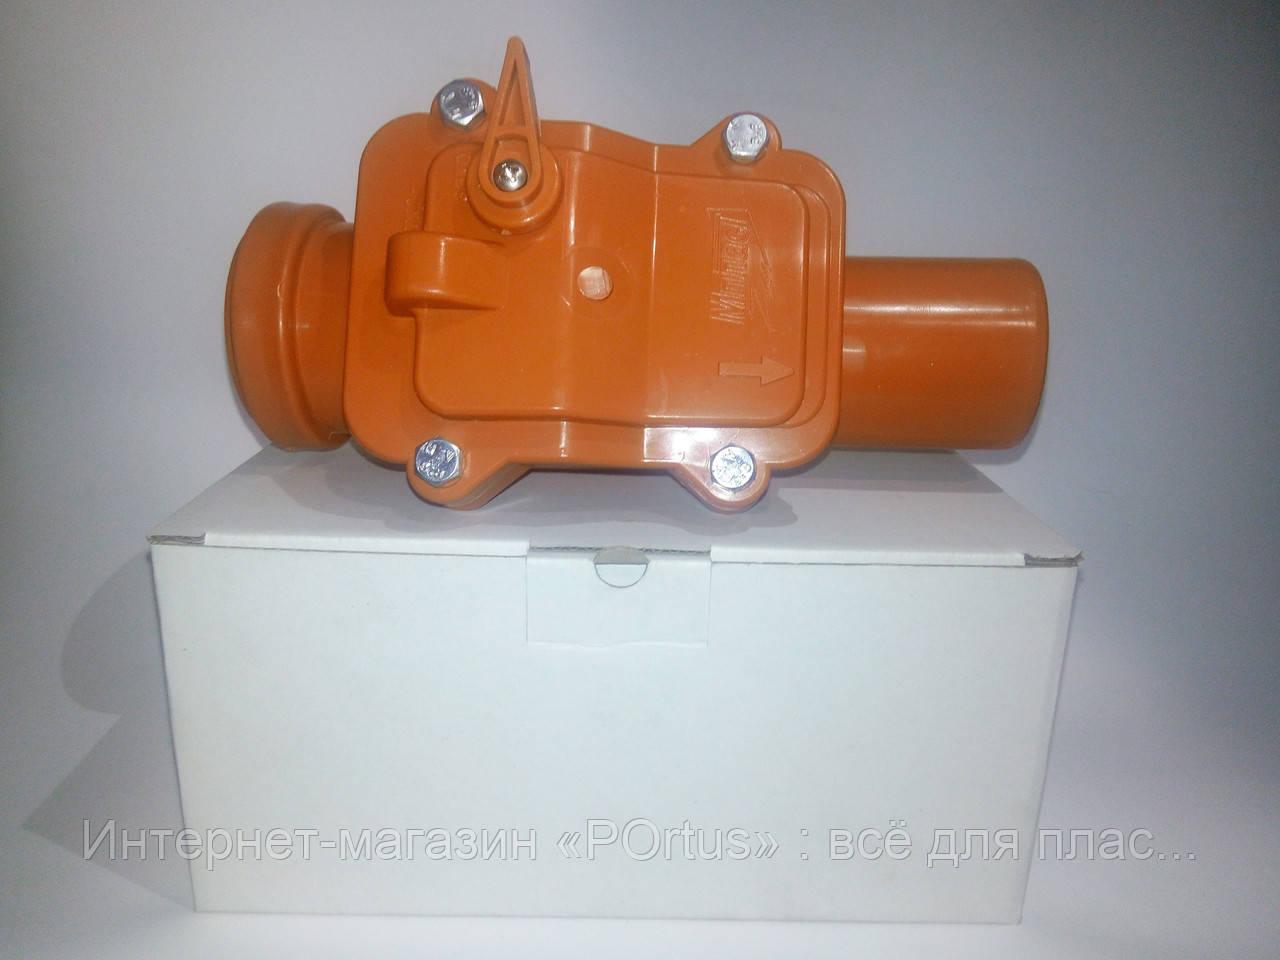 Обратный ( запорный ) Ø 50 клапан Мпласт для наружной и внутренней канализации